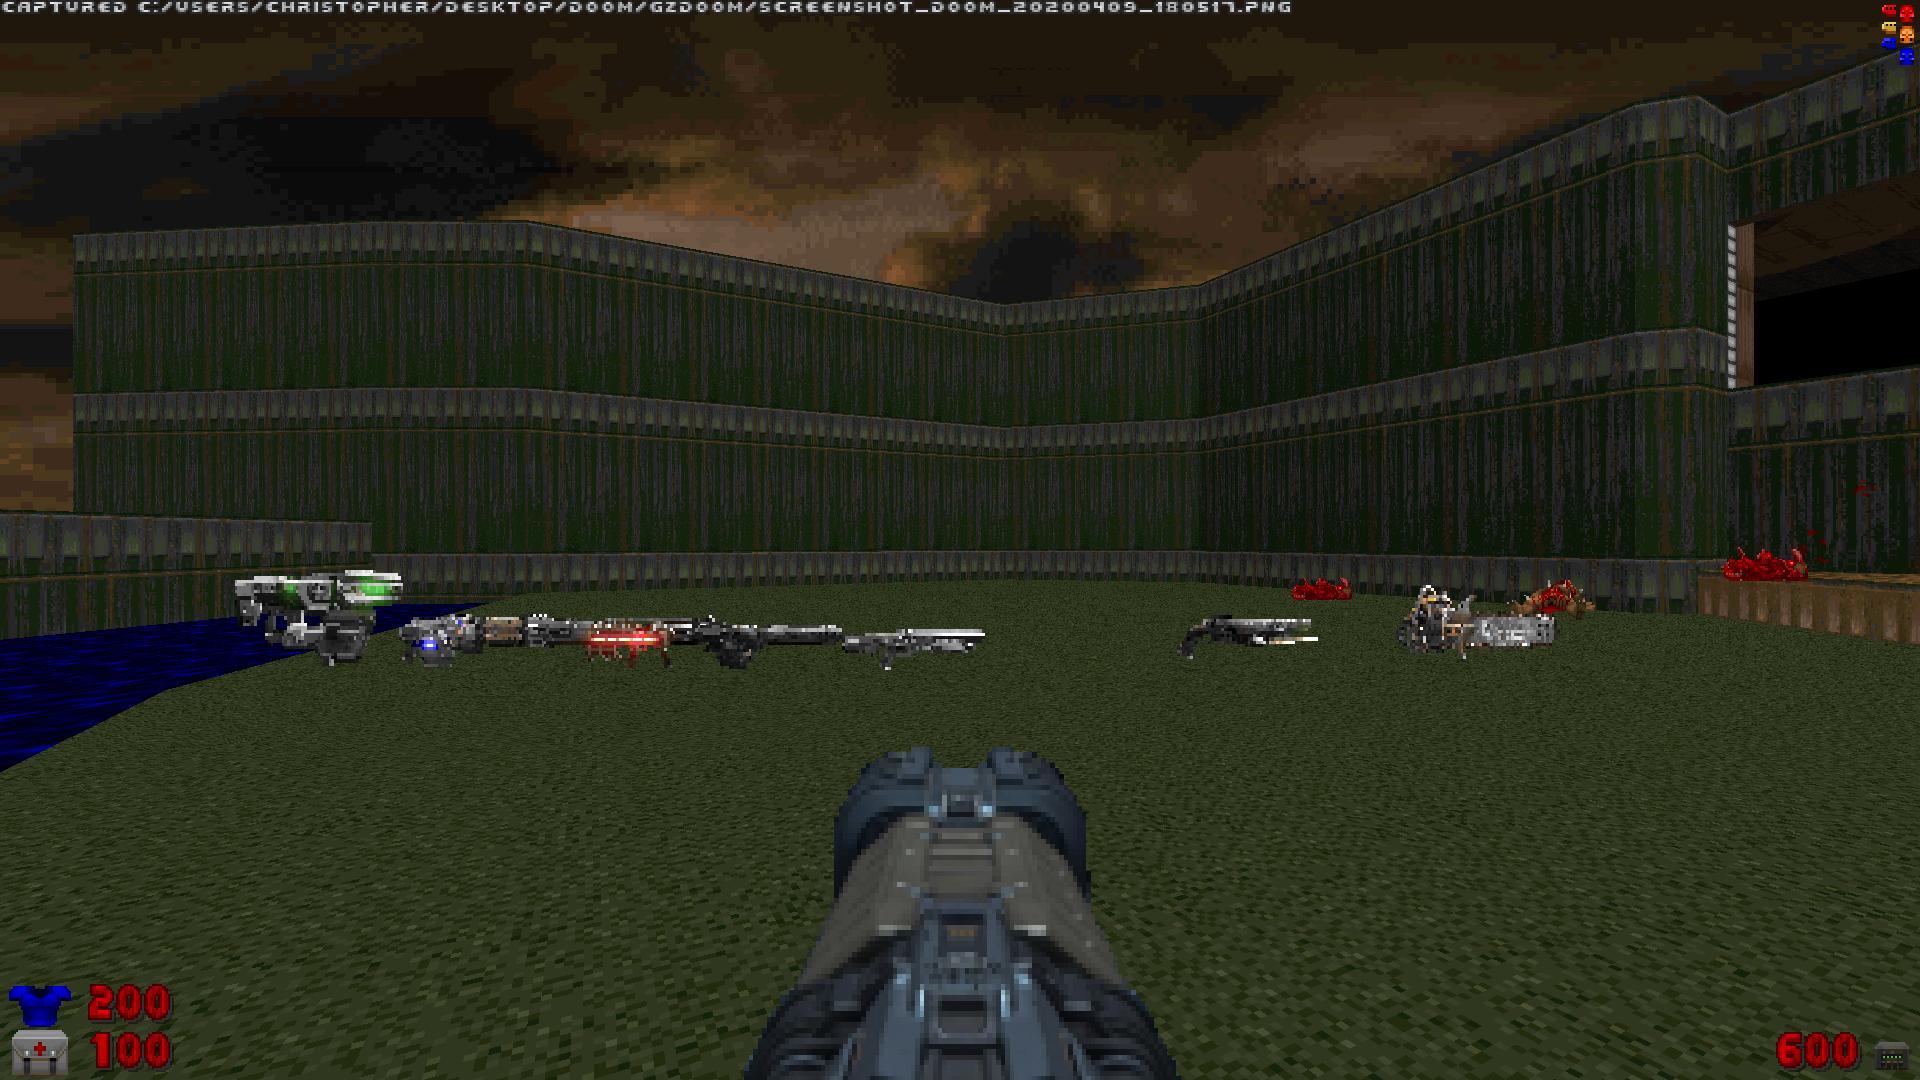 Screenshot_Doom_20200409_180519.png.973cd74bdace2c8c67133a22830a14f0.png